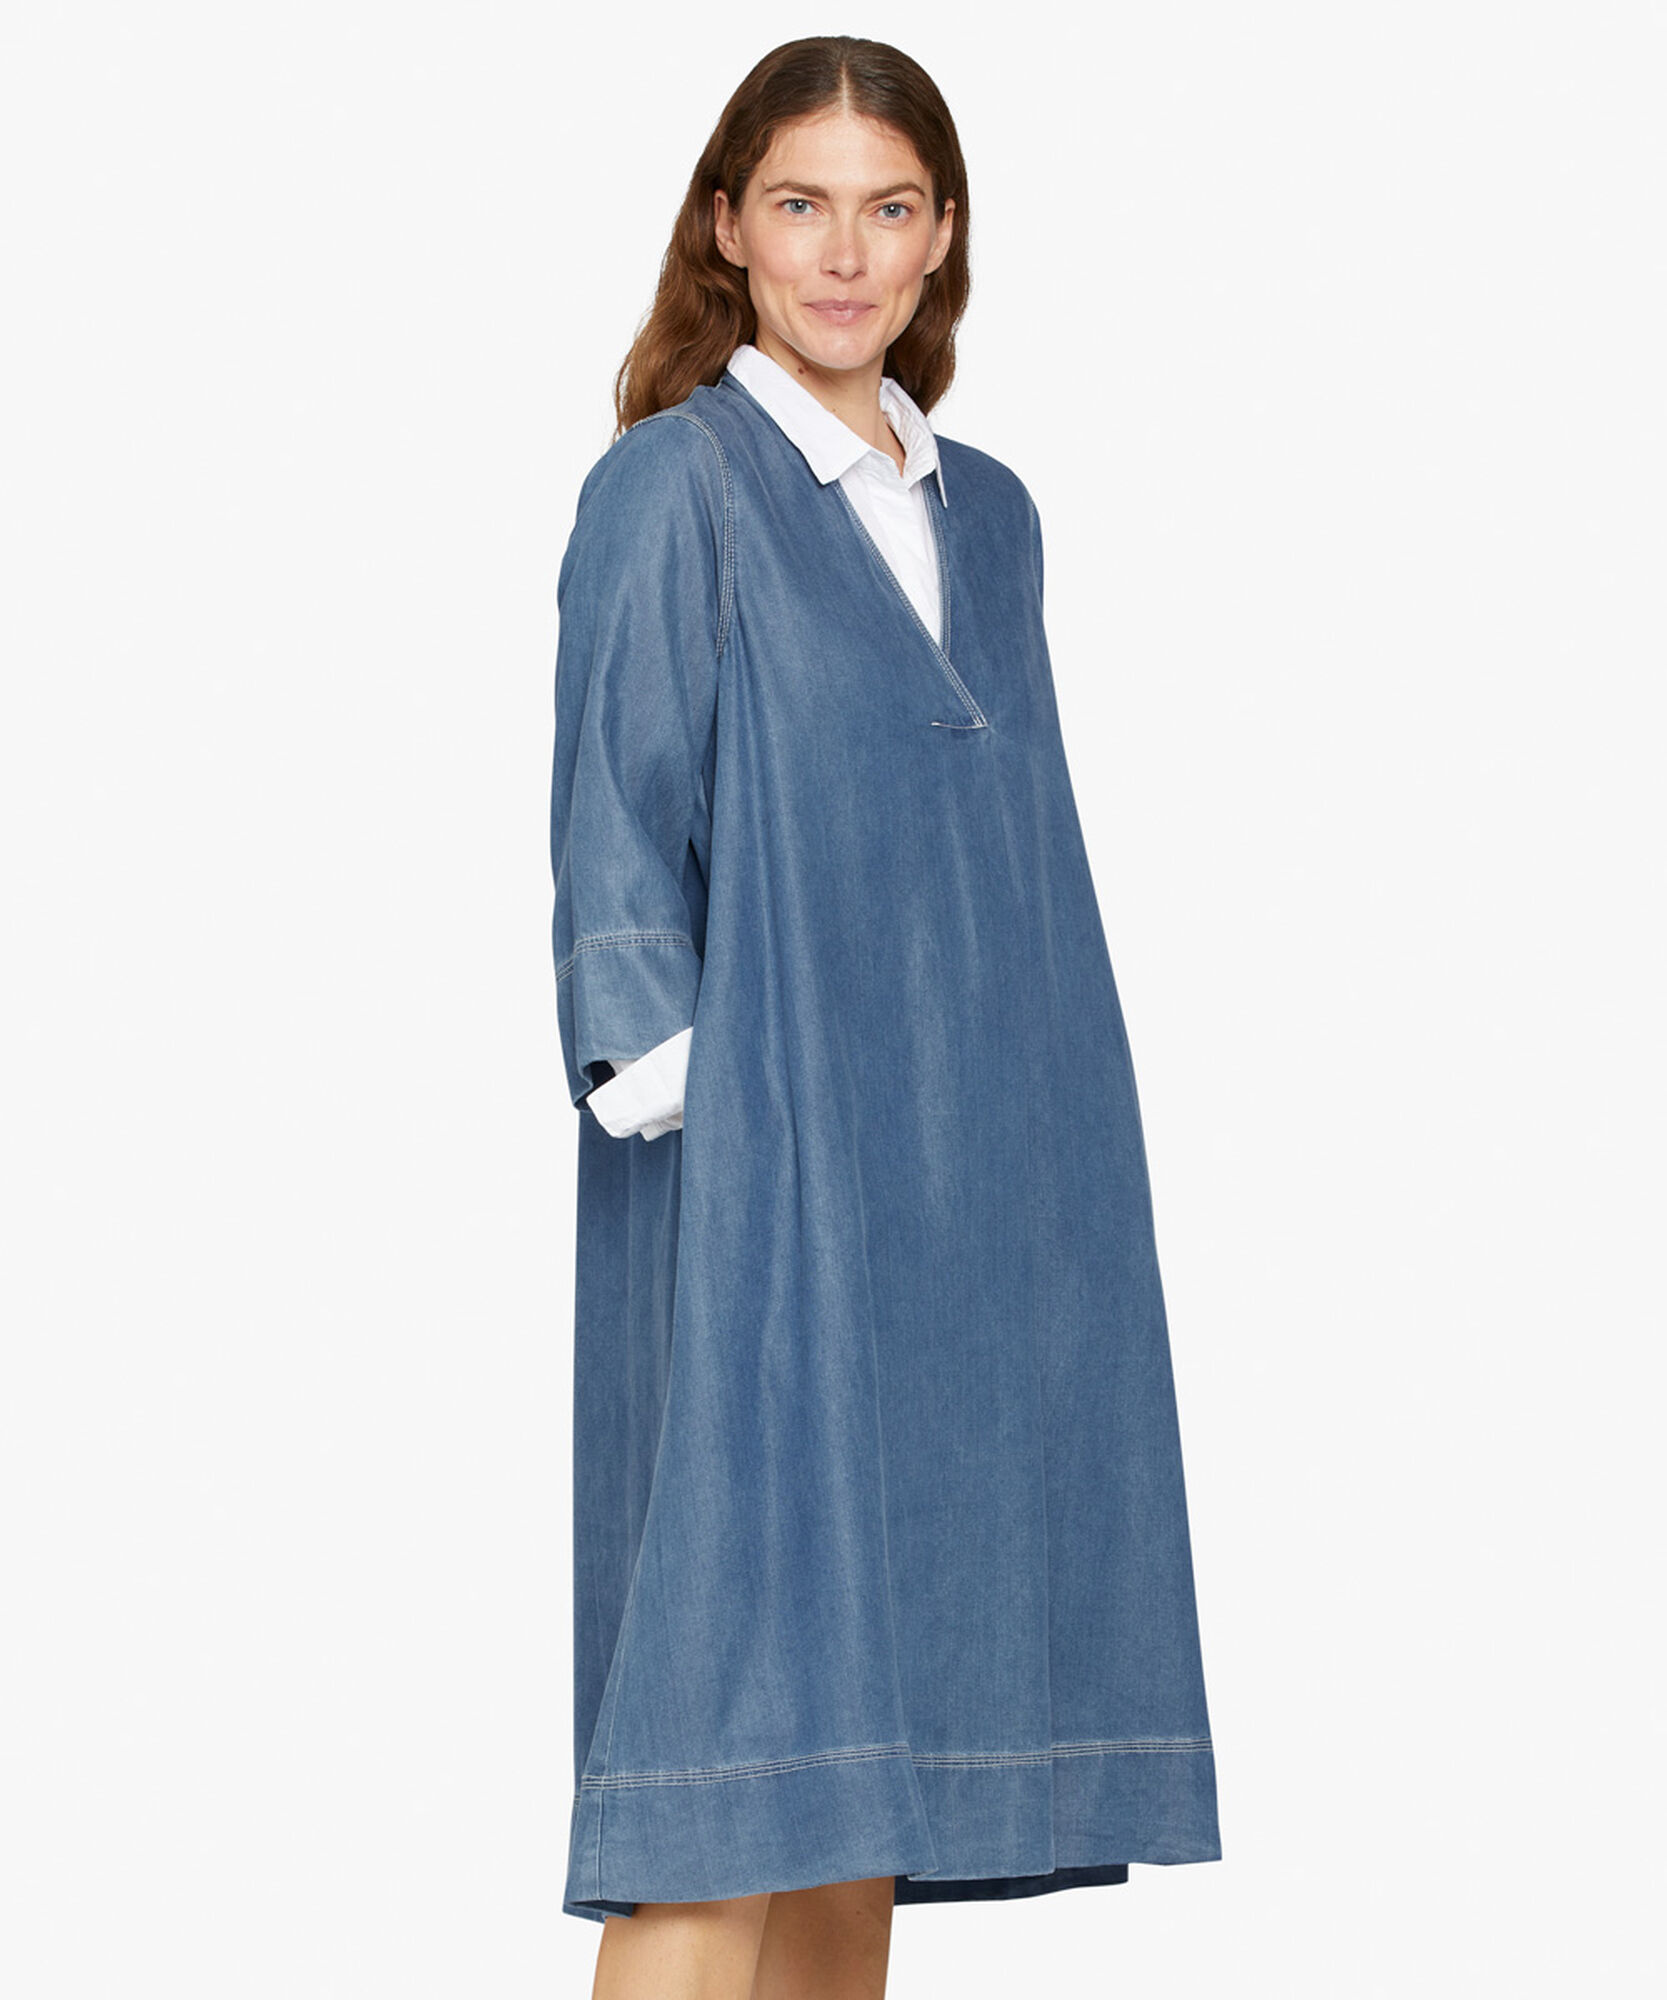 NILSA DRESS, Blue Denim, hi-res